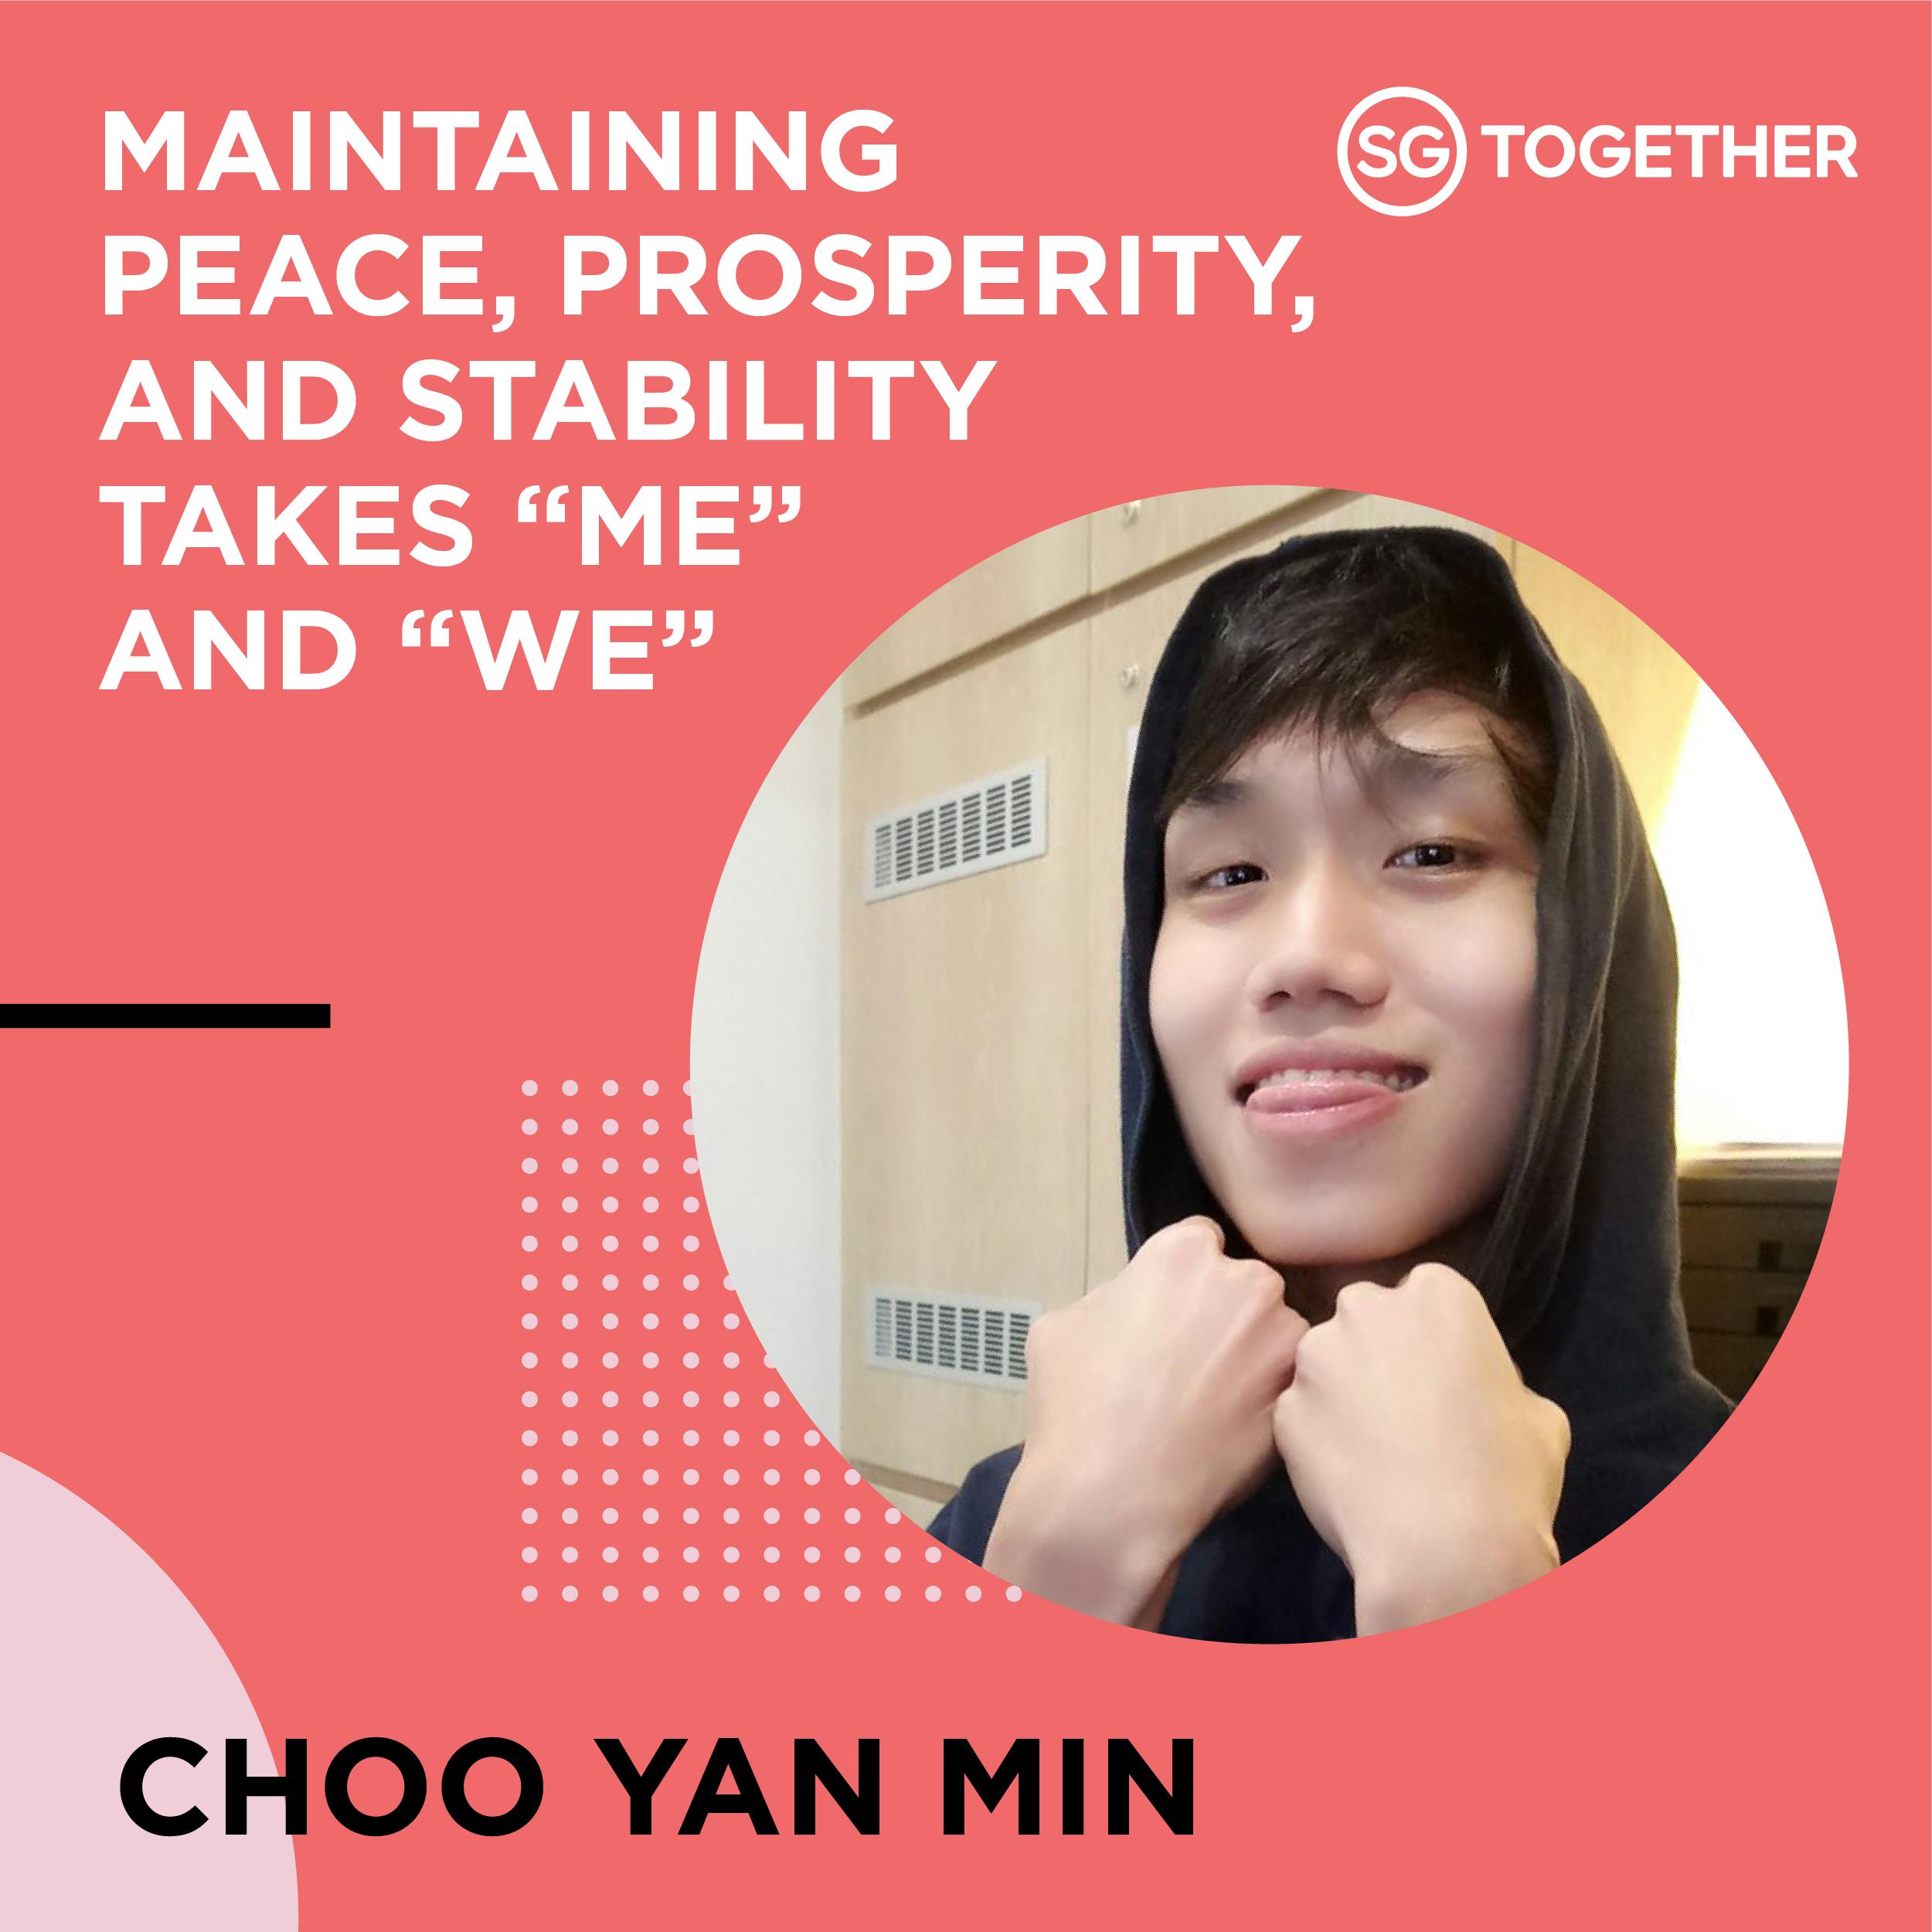 Choo Yan Min